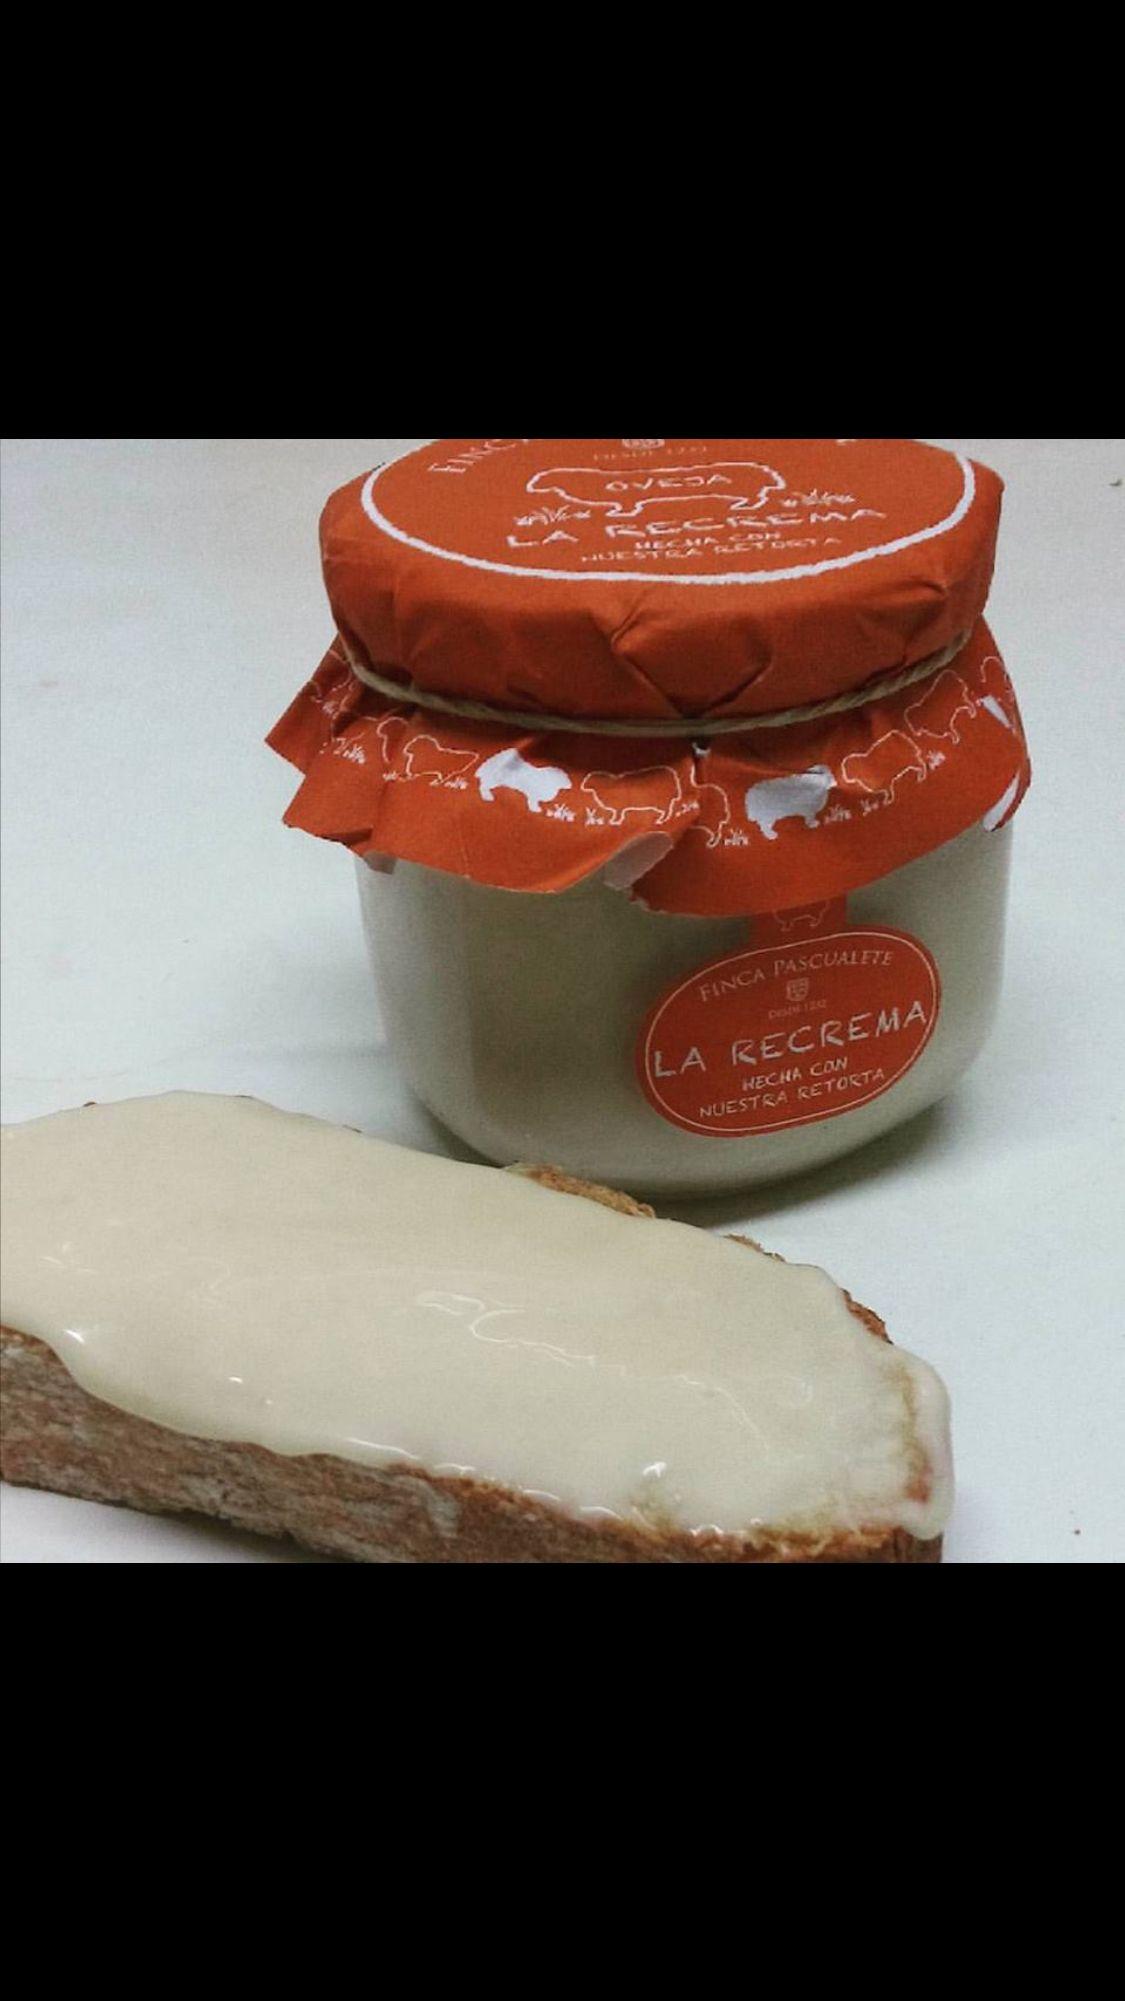 Quien se apunta a merendar..? Recrema de queso elaborado a partir de la Retorta. Textura fundente y suave. Podéis encontrarla en www.plasenciasabores.com #torta #recrema @fincapascualete #plasencia #regalos #envios